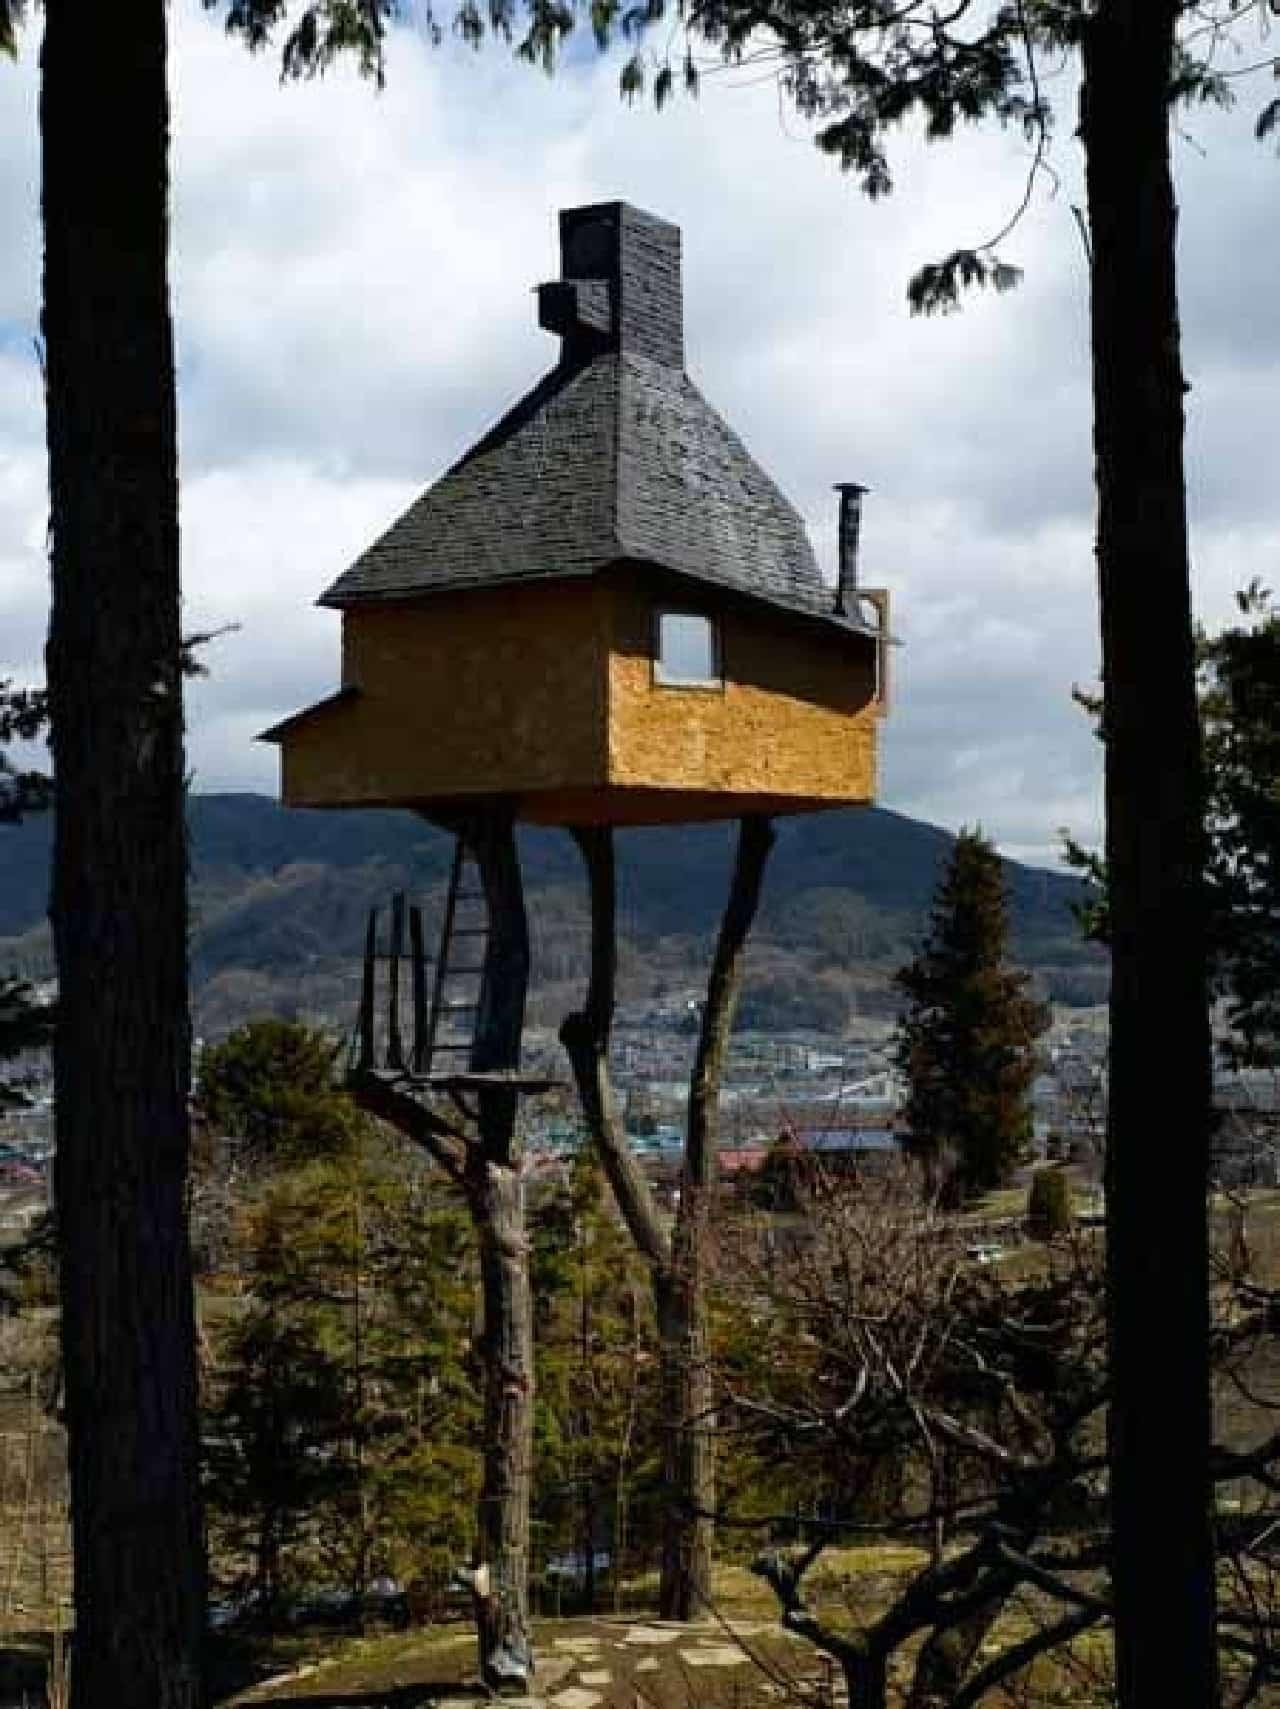 高過庵の高さは地上約6メートル  それを支えるのは2本の木  …なんだかスナフキンも住んでいそう??